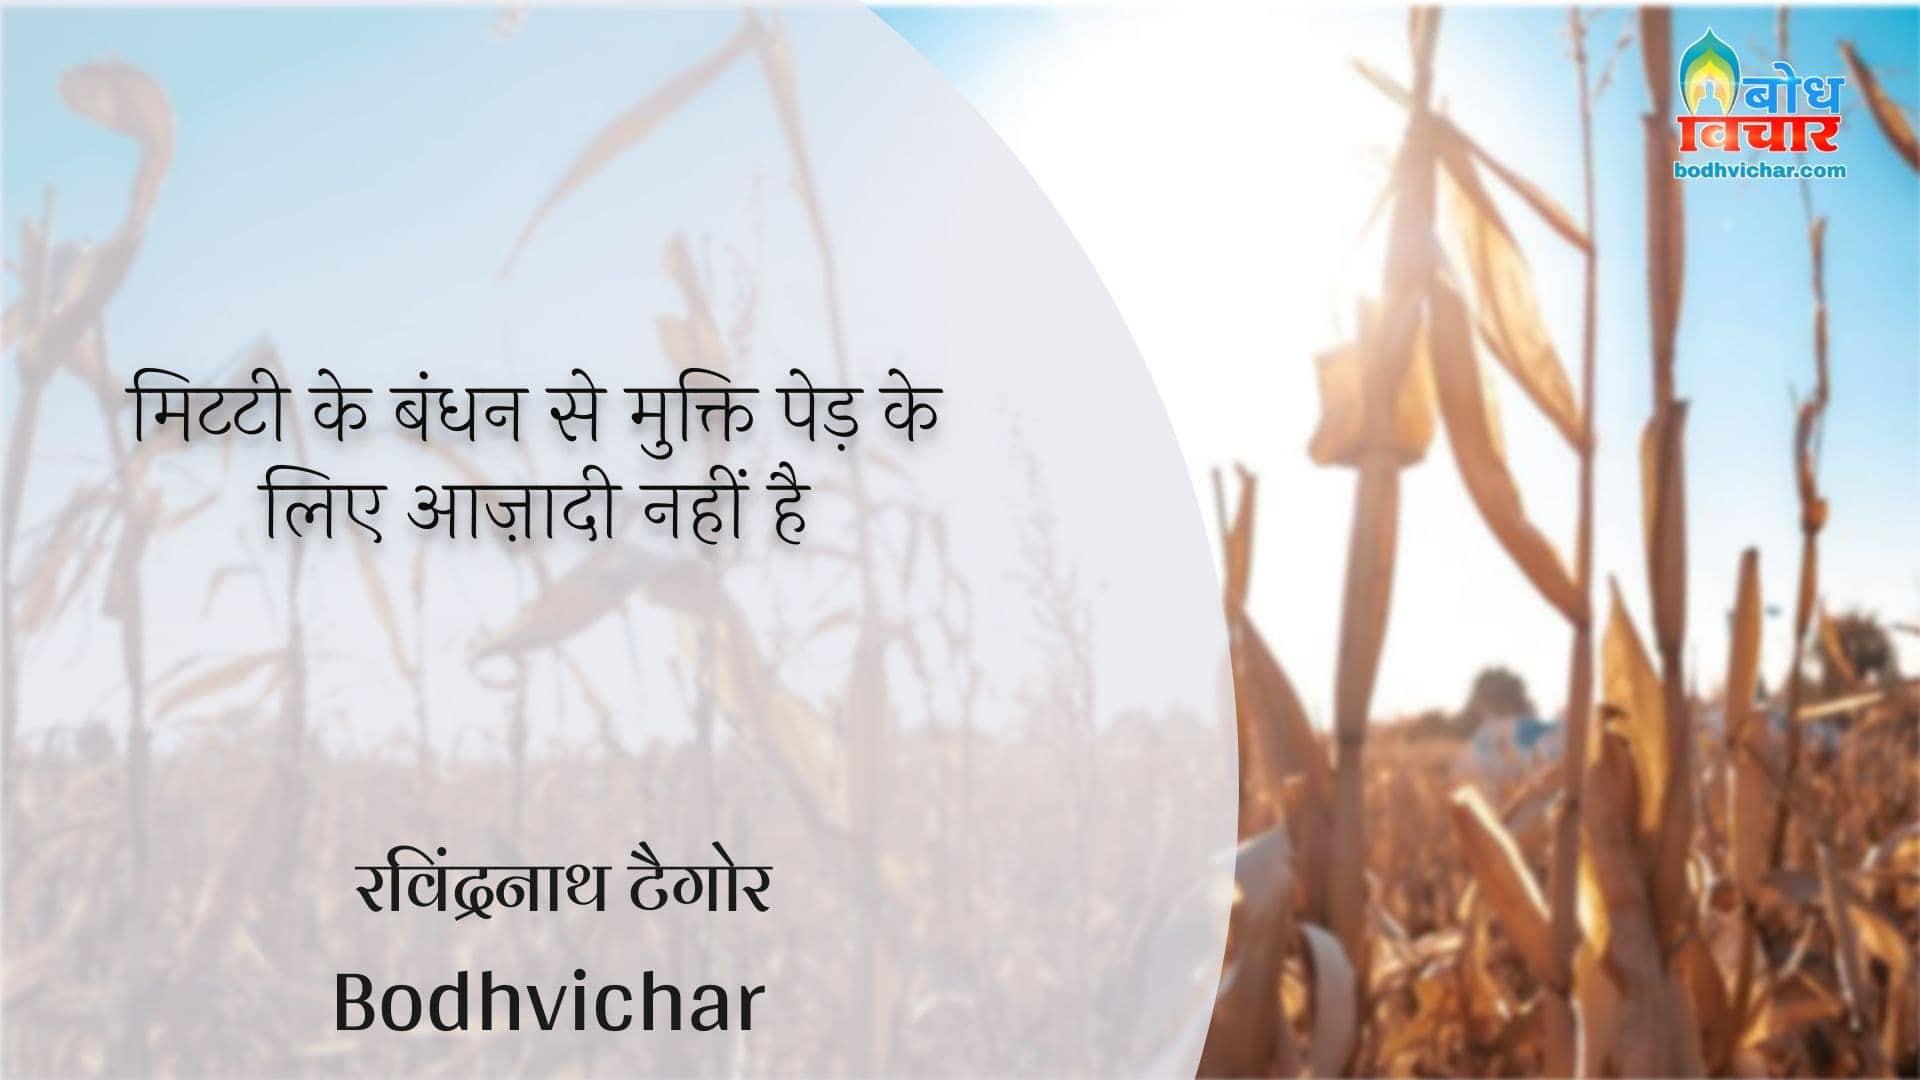 मिटटी के बंधन से मुक्ति पेड़ के लिए आज़ादी नहीं है : Mitti ke badhan se mukti ped ke liye aazadi nahi hai - रवीन्द्रनाथ टैगोर